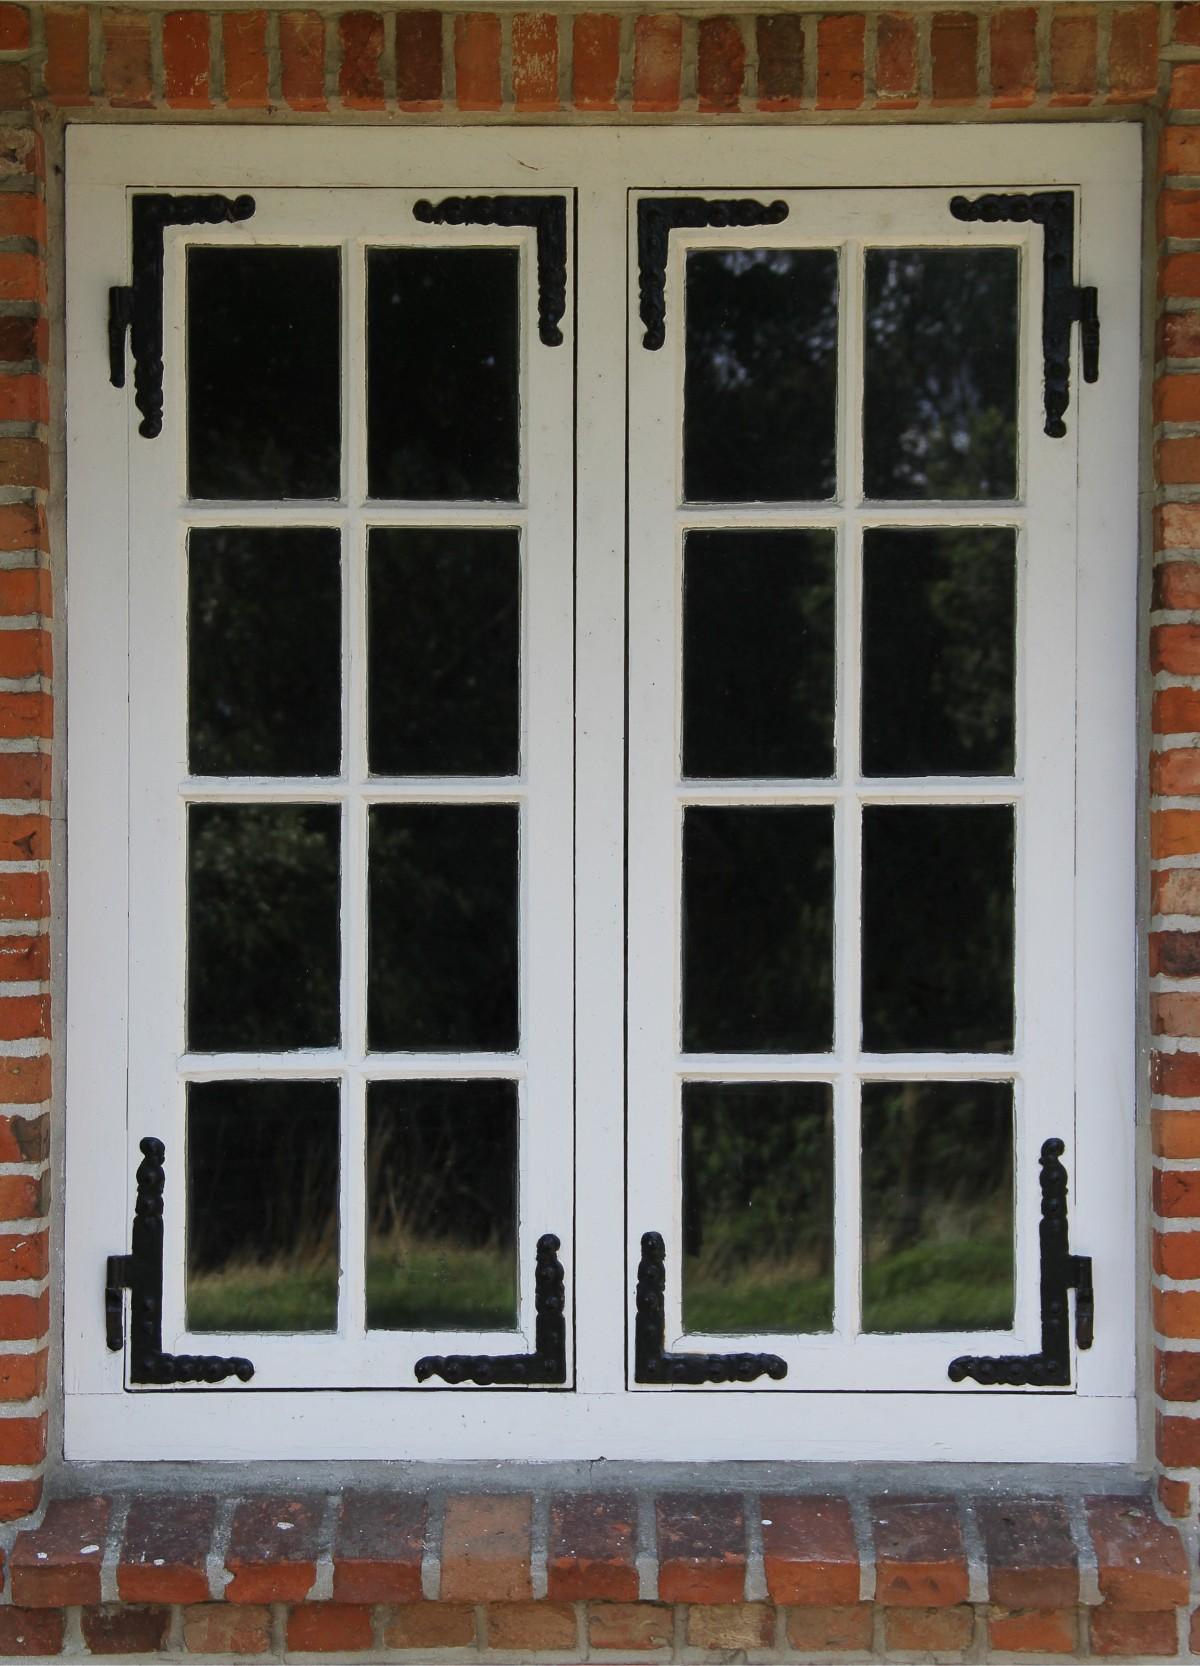 รูปภาพ กระจก เก่า ซุ้ม ประตู การออกแบบตกแต่งภายใน